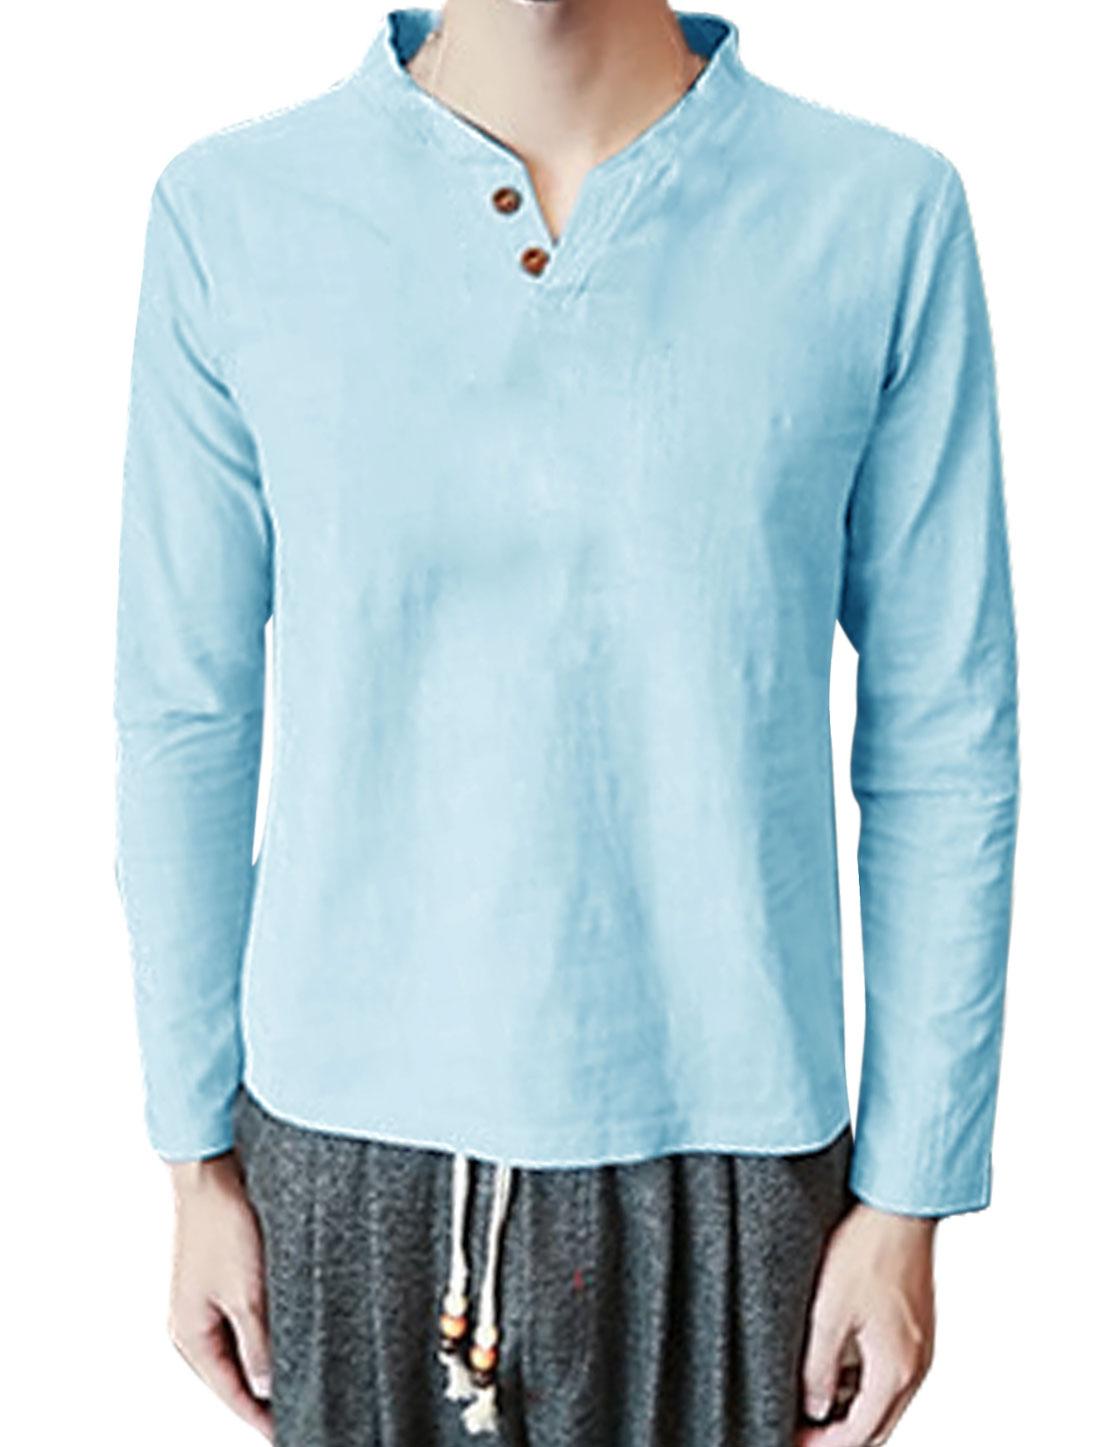 Men Split Neck Long Sleeves Buttoned T-Shirt Light Blue S